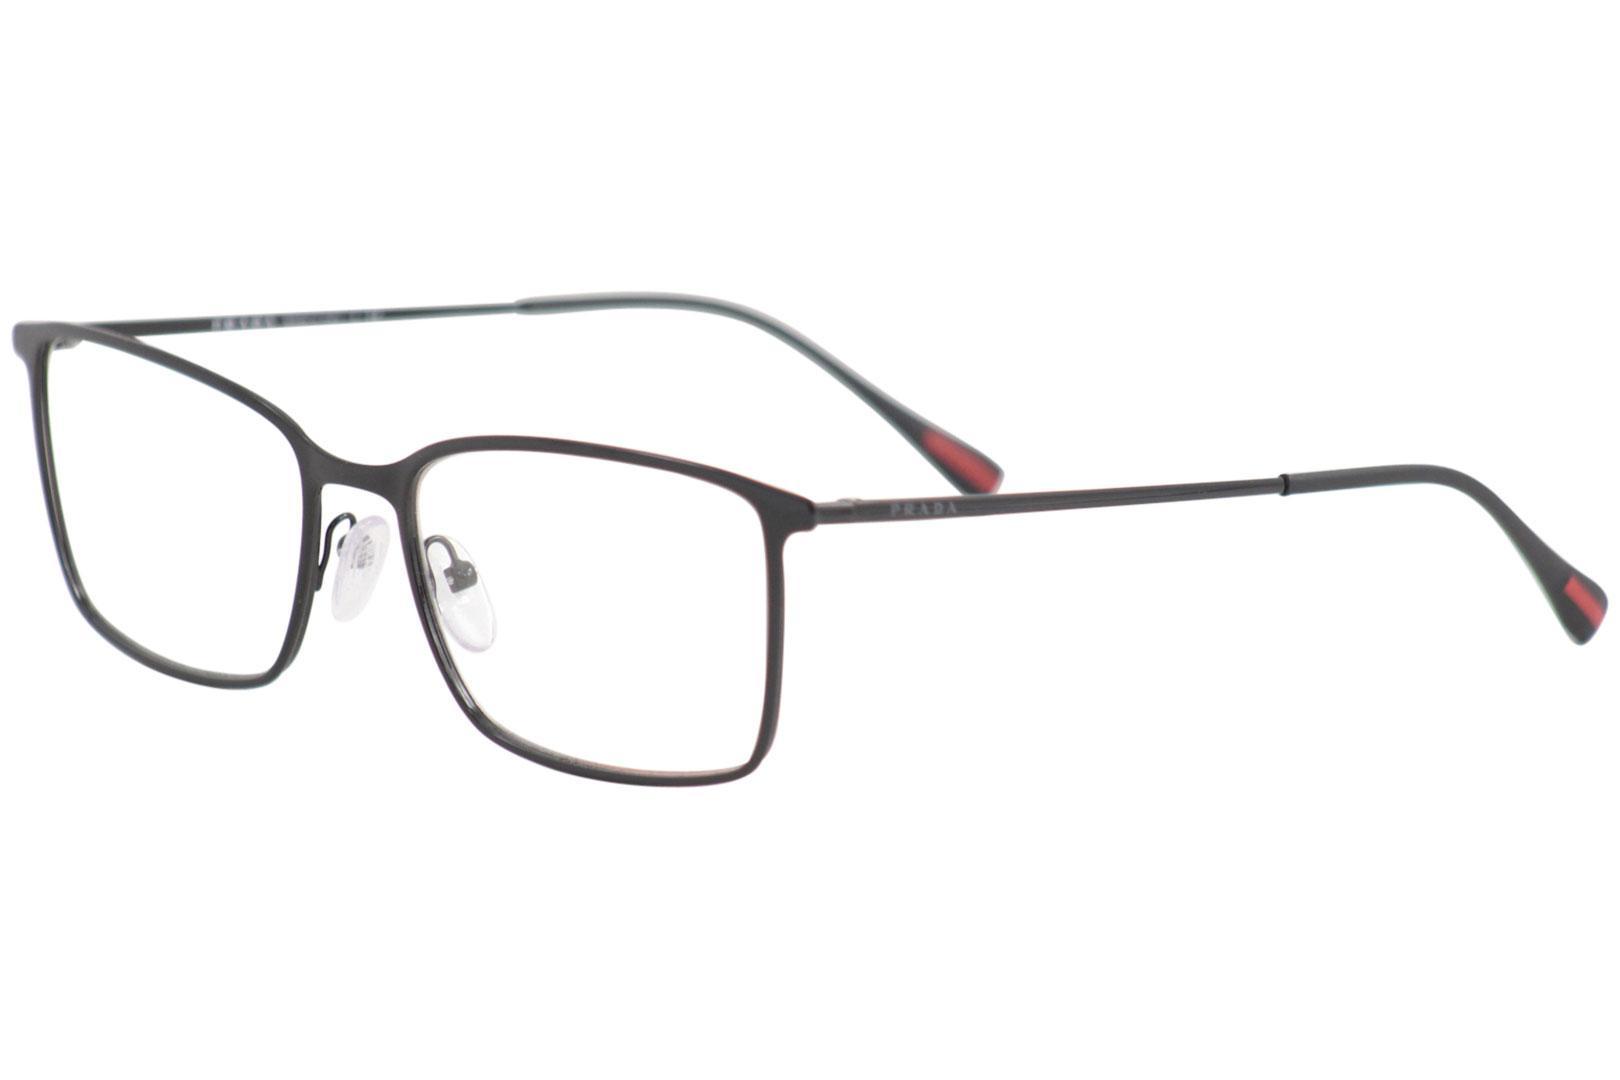 6f063e0e13e Prada Linea Rossa Eyeglasses VPS51L VPS 51 L 1AB 1O1 Black Optical ...